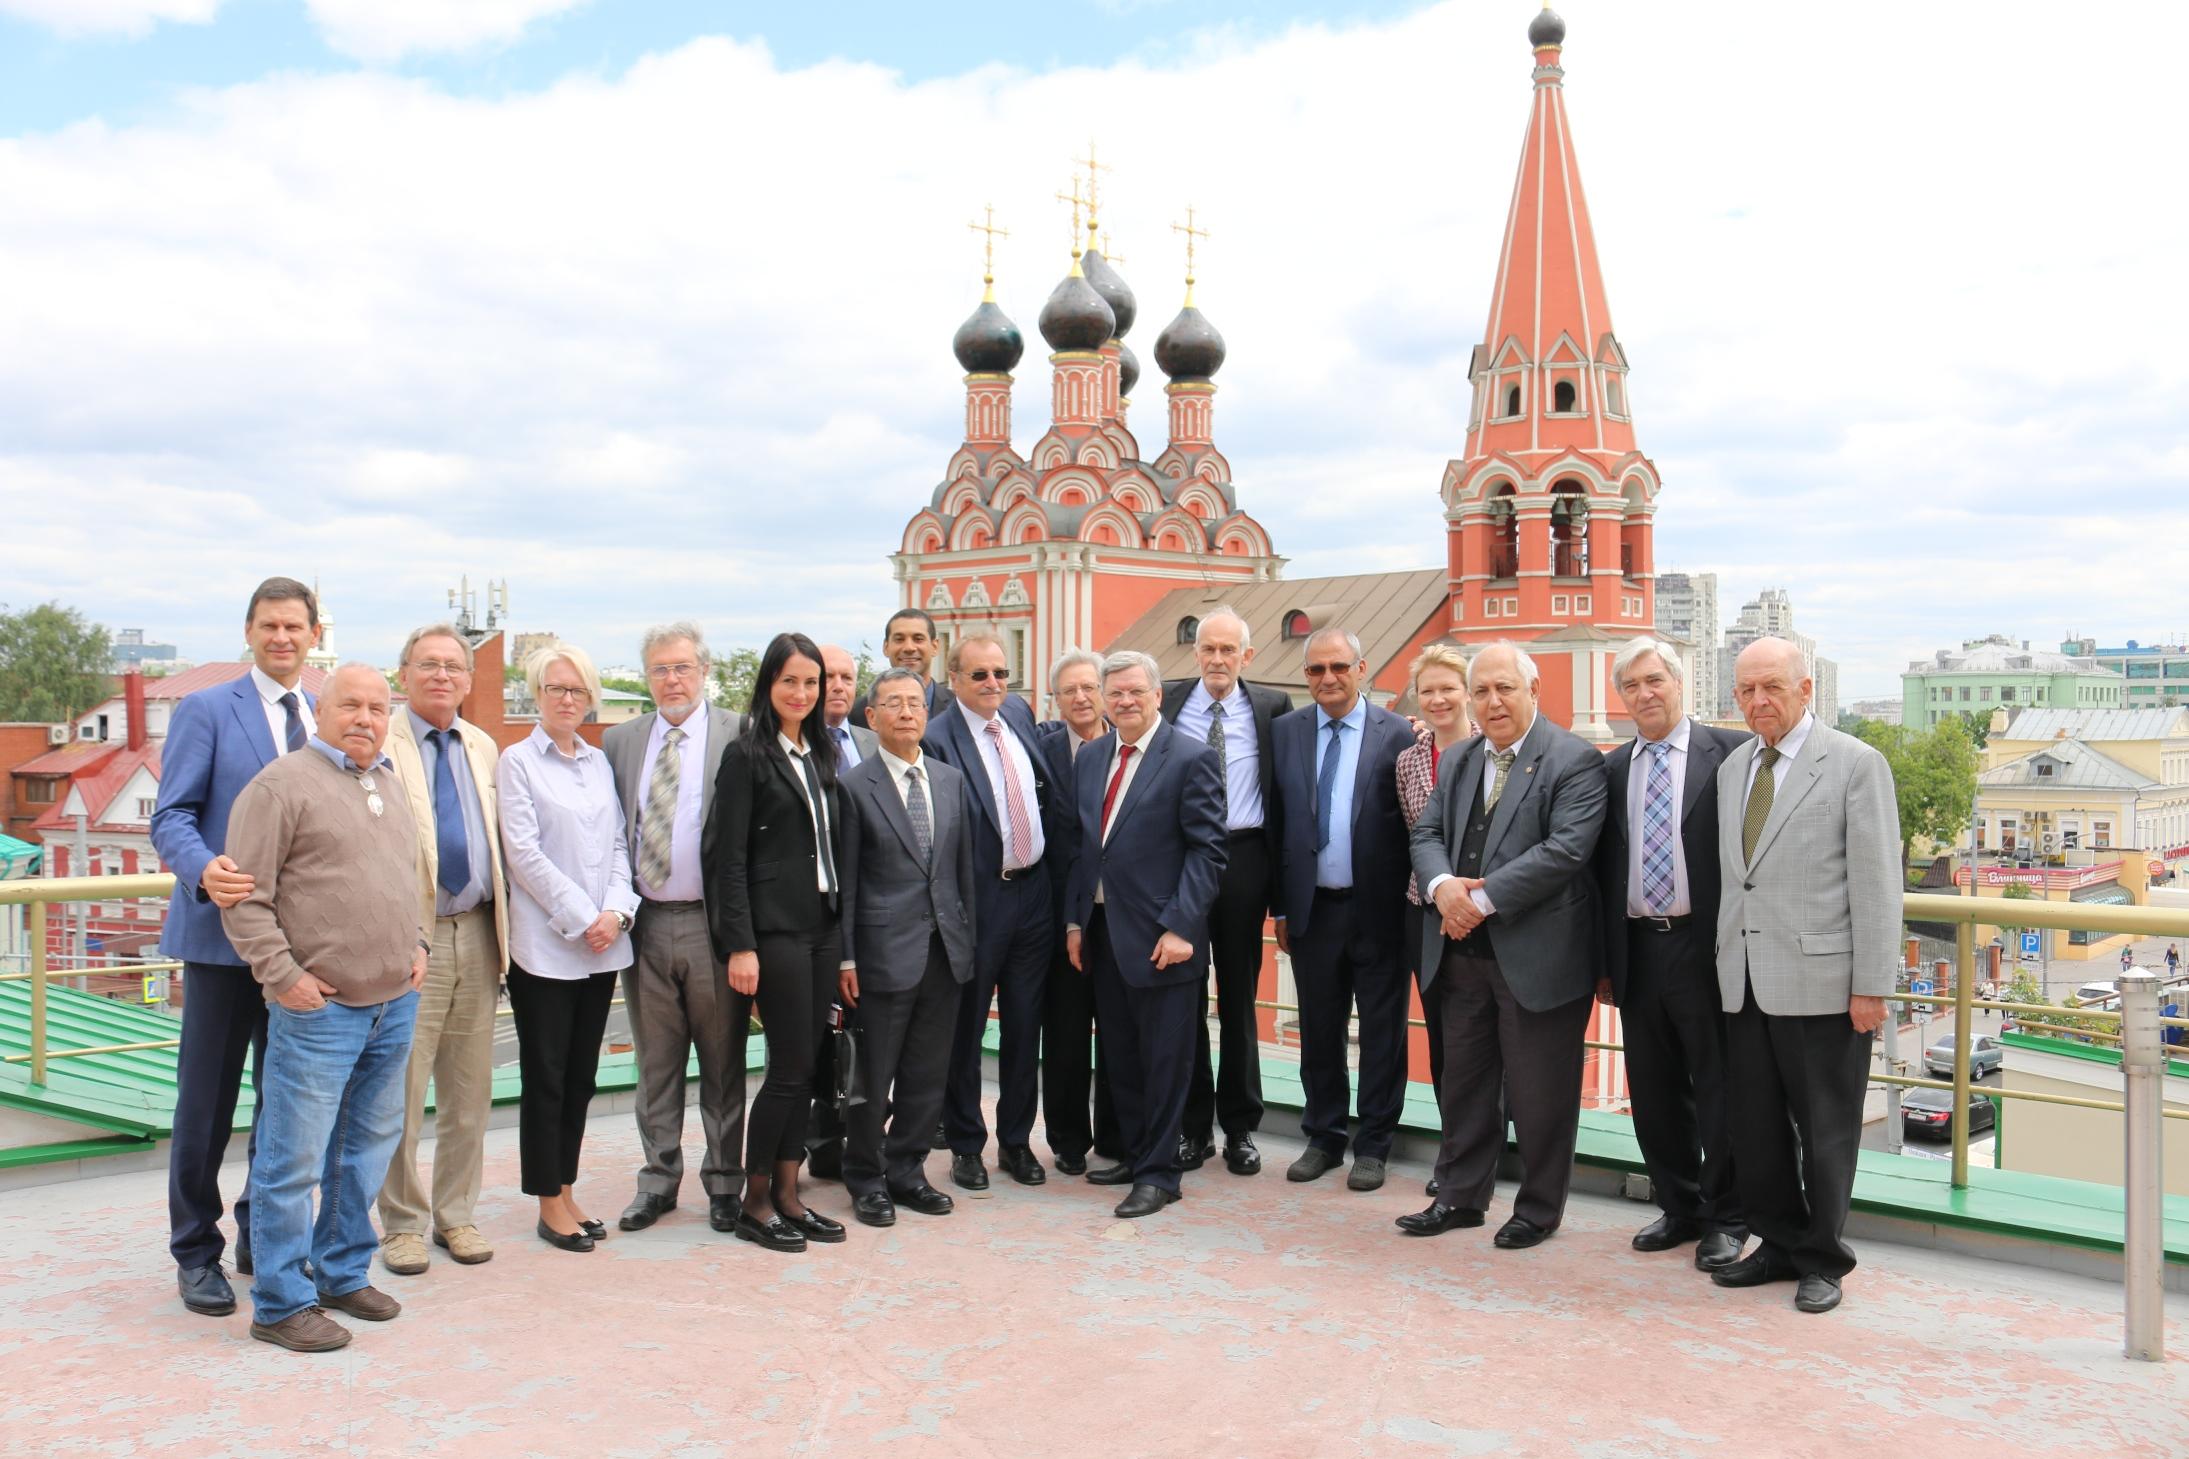 Международный симпозиум, посвященный 25-летию Русской секции Международной академии наук